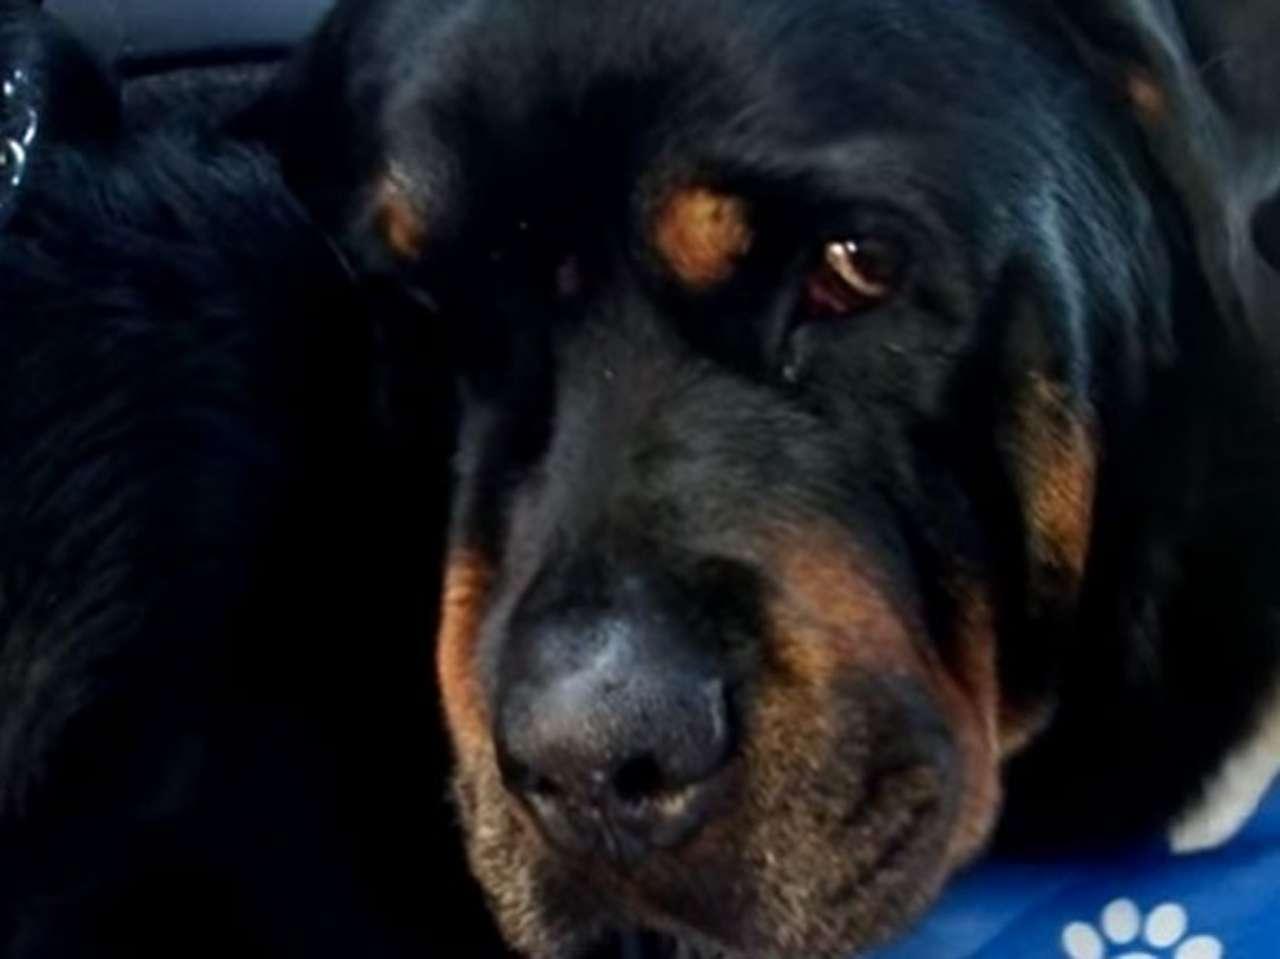 La raza rottweiler suele tener fama de agresiva, este perro muestra un lado diferente de este animal. Foto: YouTube.com